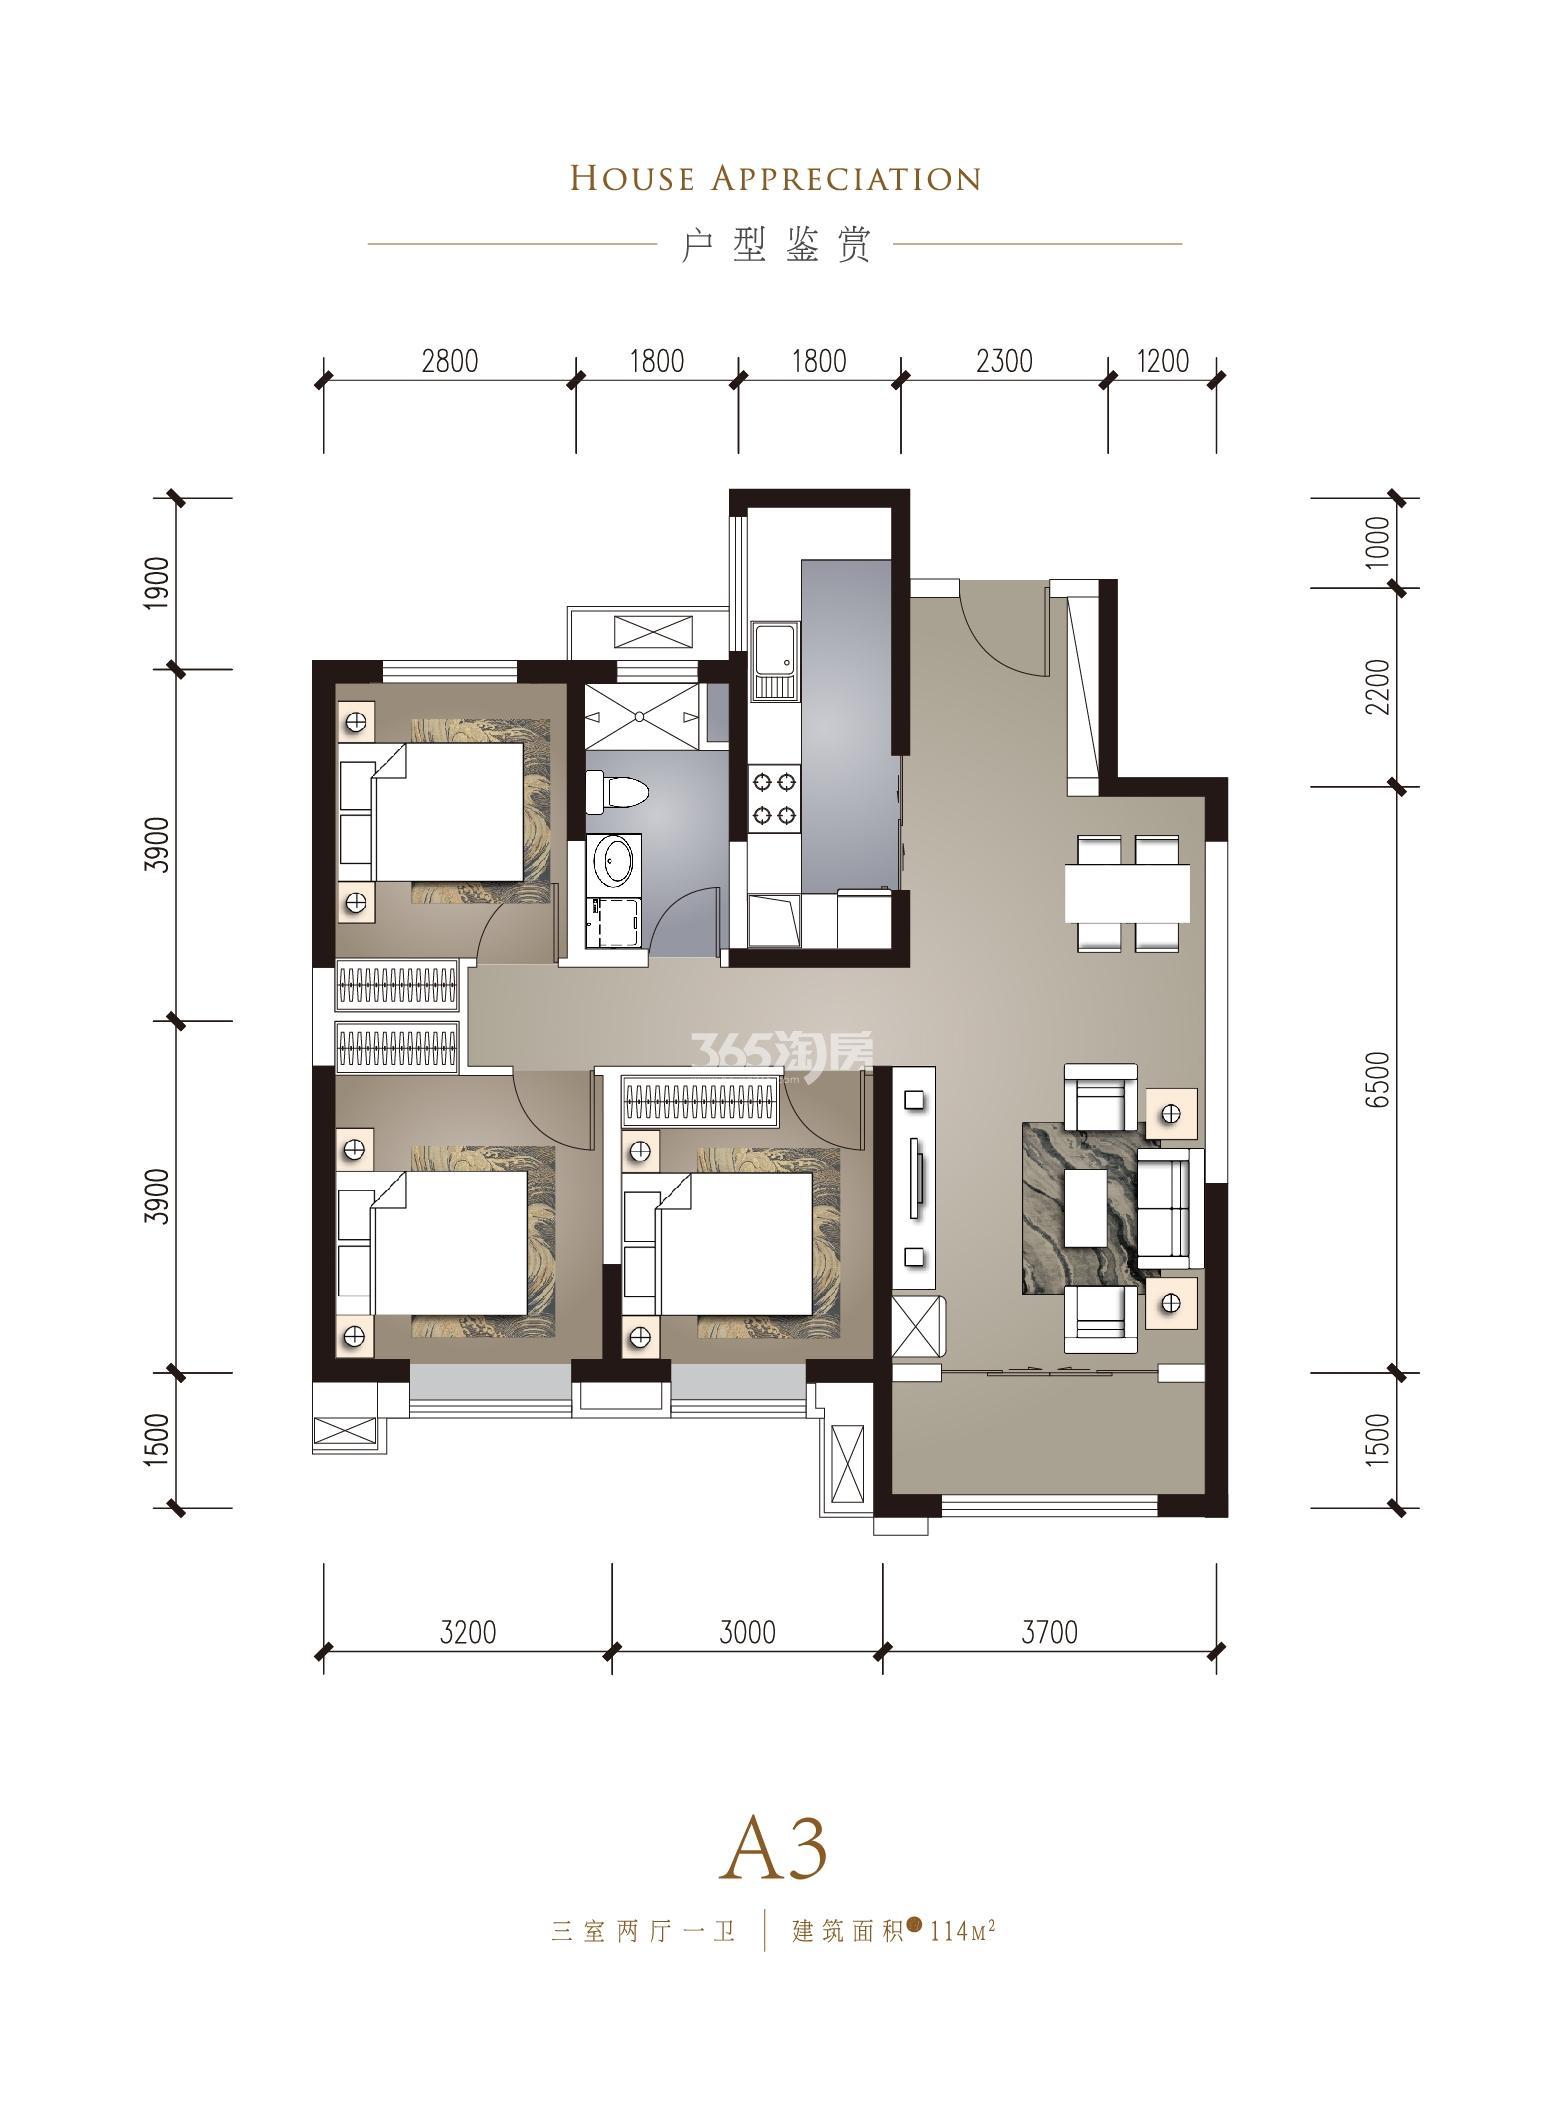 华润置地·誉澜山 三室两厅一卫 建筑面积约114㎡